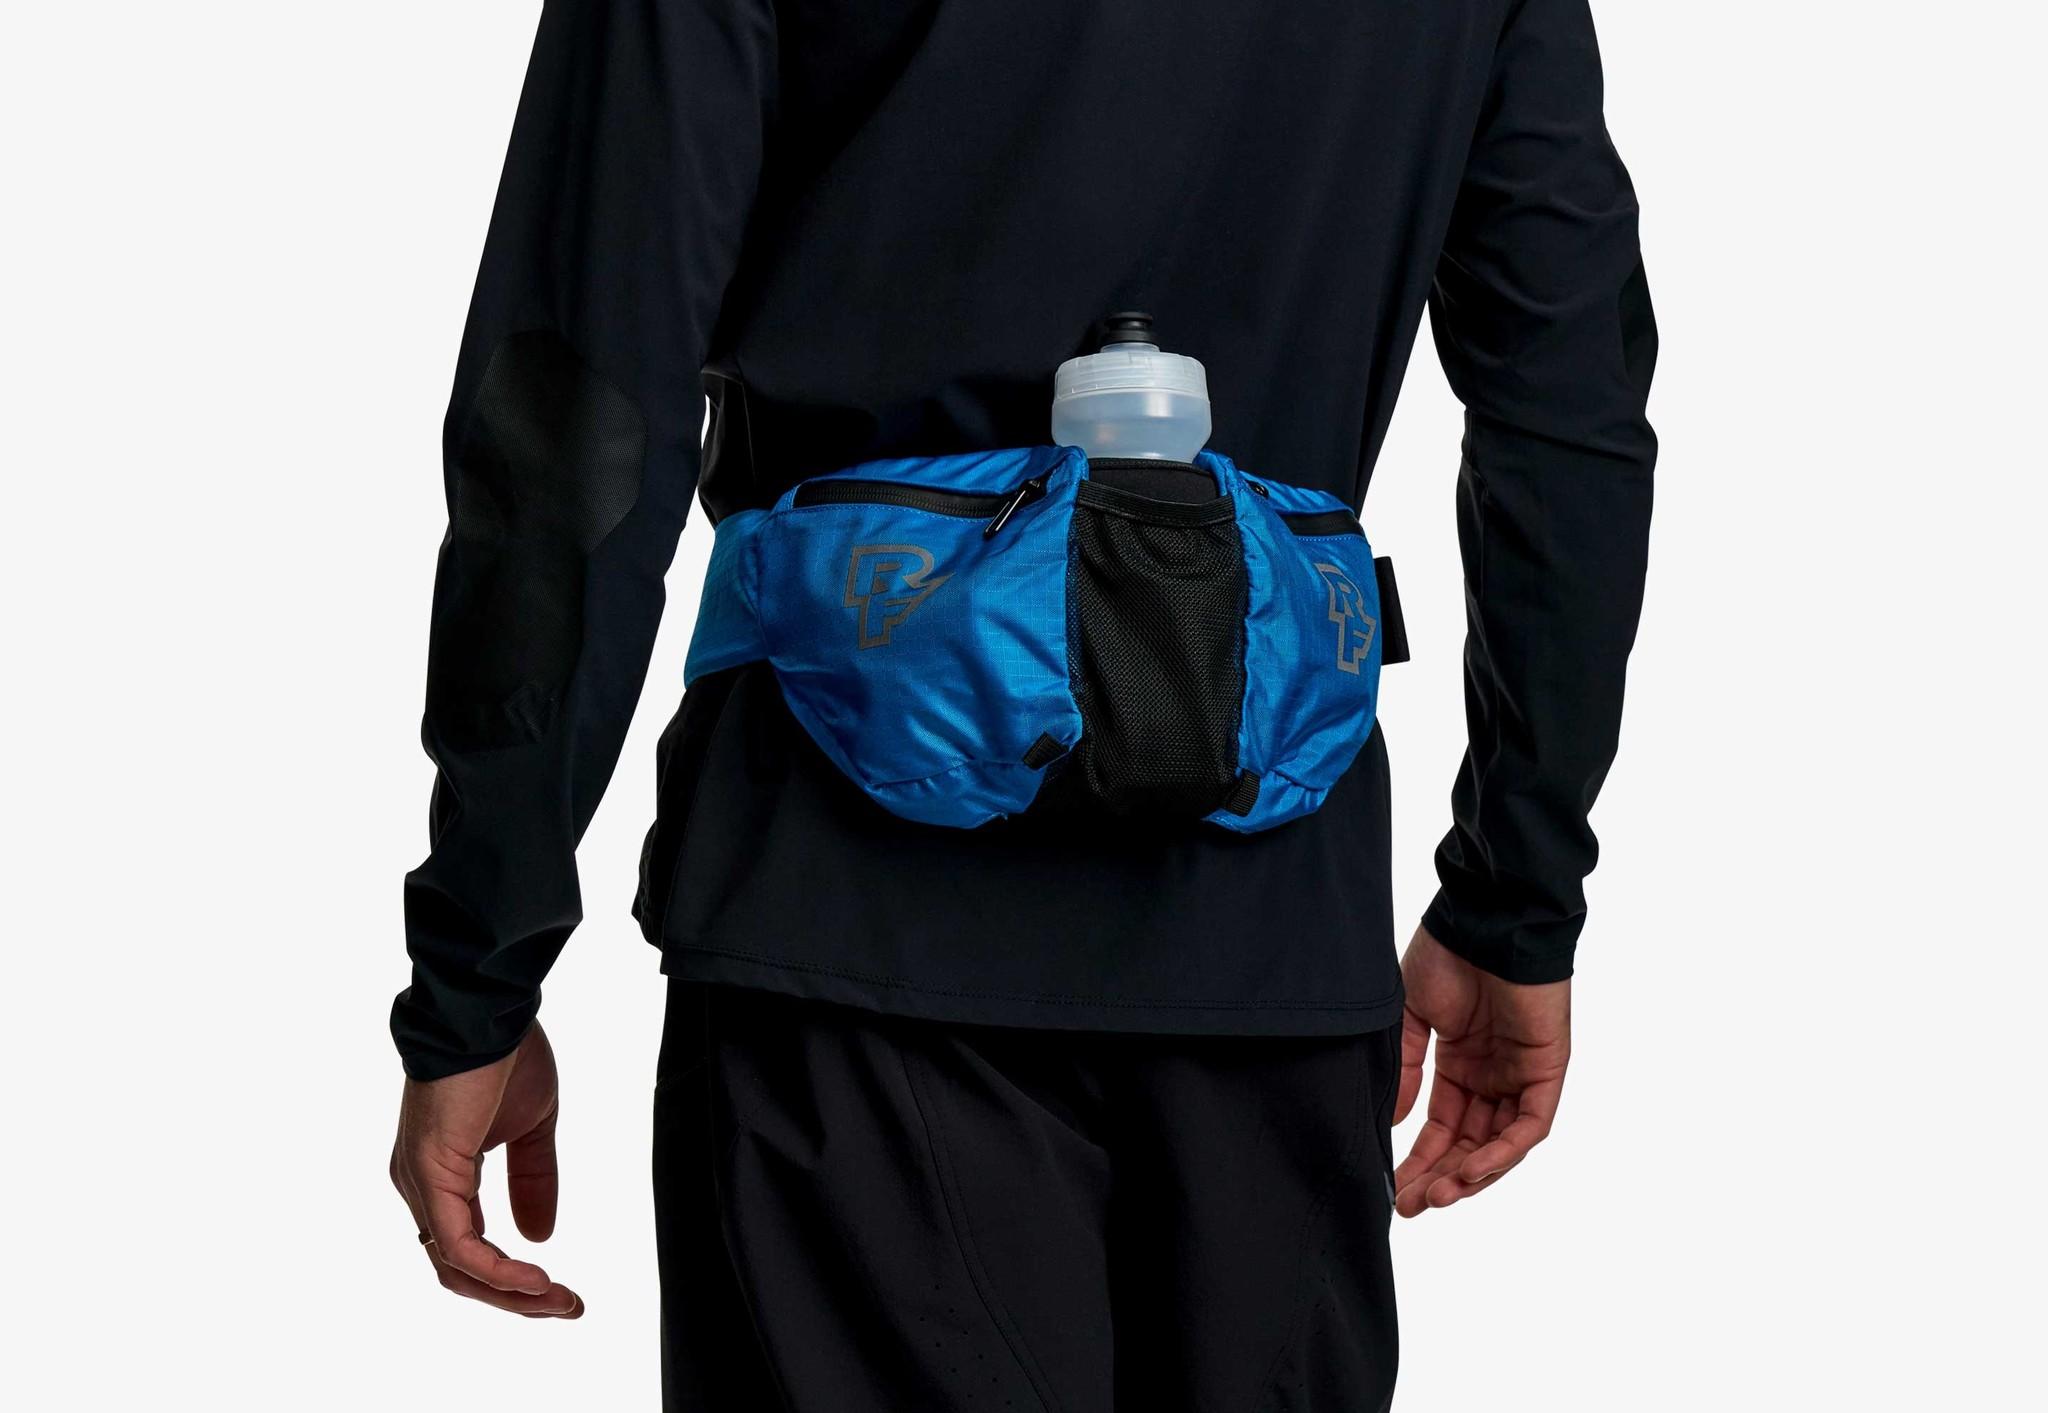 RaceFace Stash Quick Rip Bag 1.5L-2